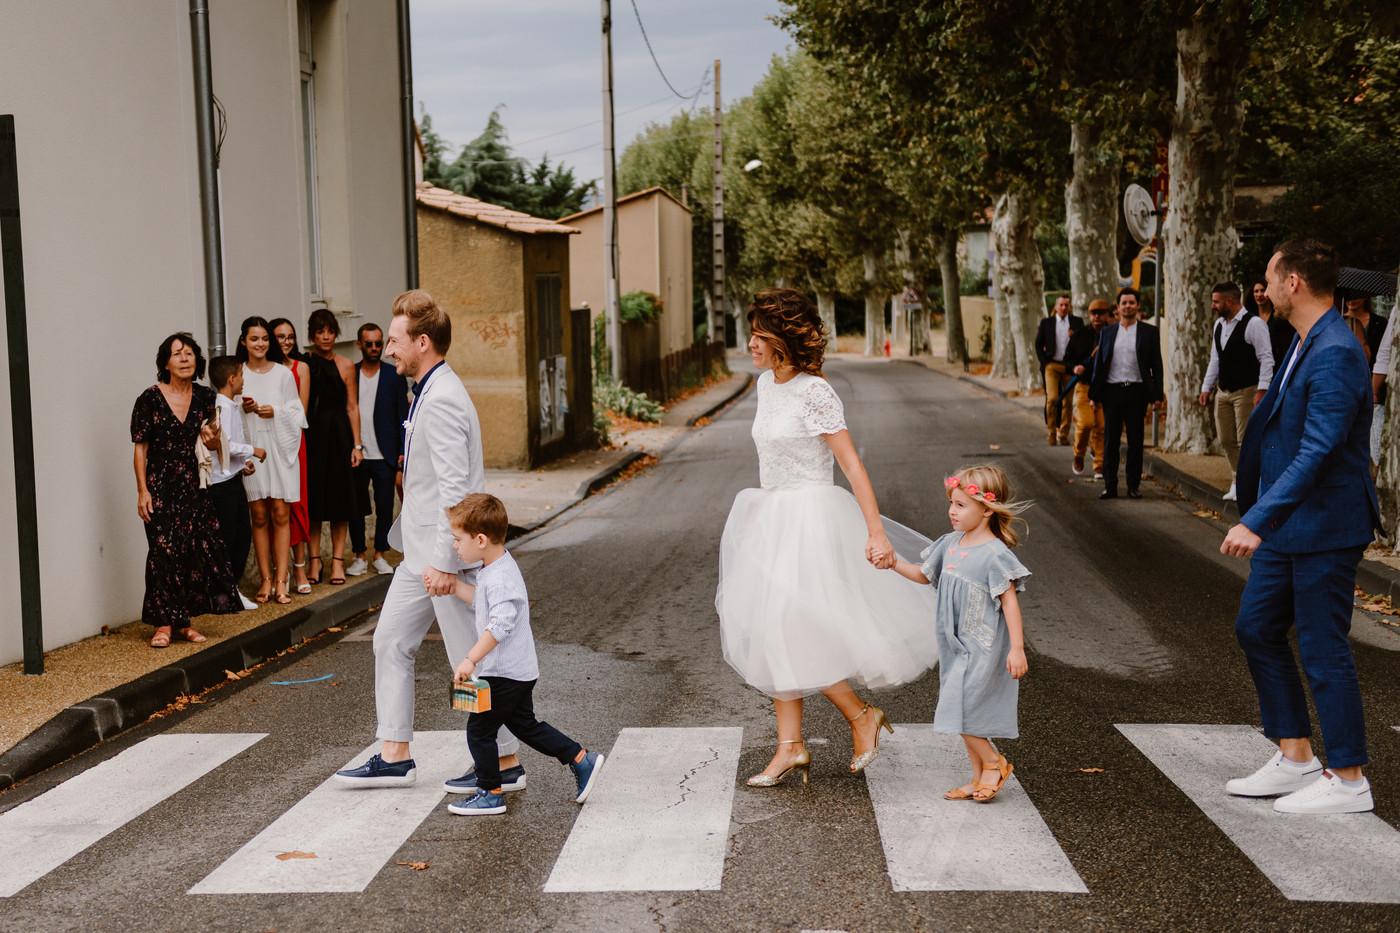 mariage-a&a-sablet-valreas-73.jpg